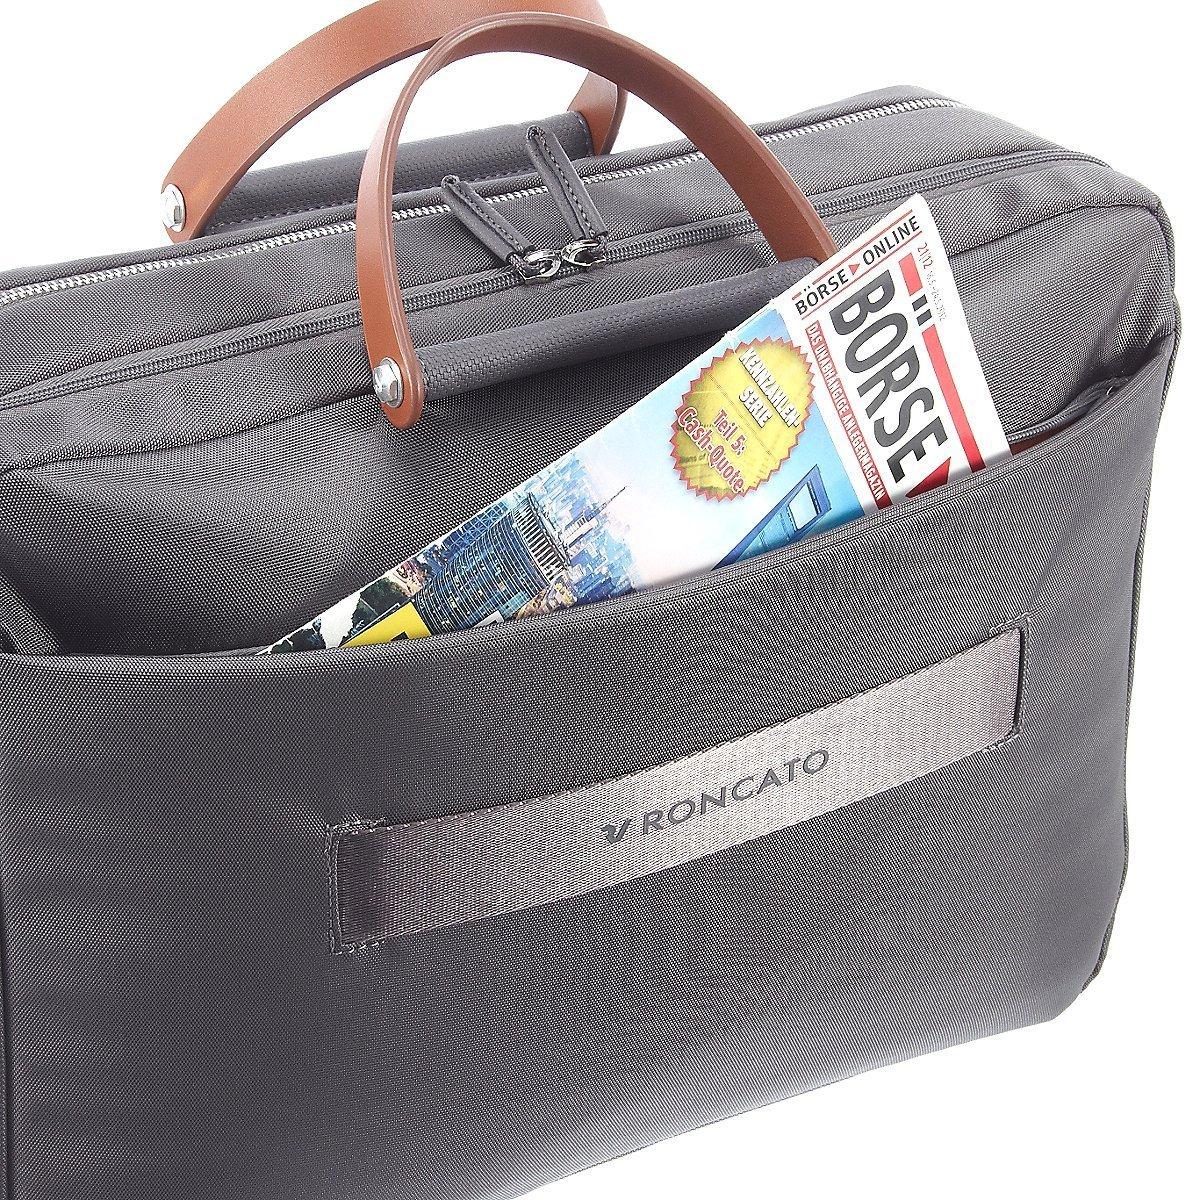 Chiếc túi xách Roncato có kích thước lớn dành cho ai đang tìm mua túi xách nam du lịch